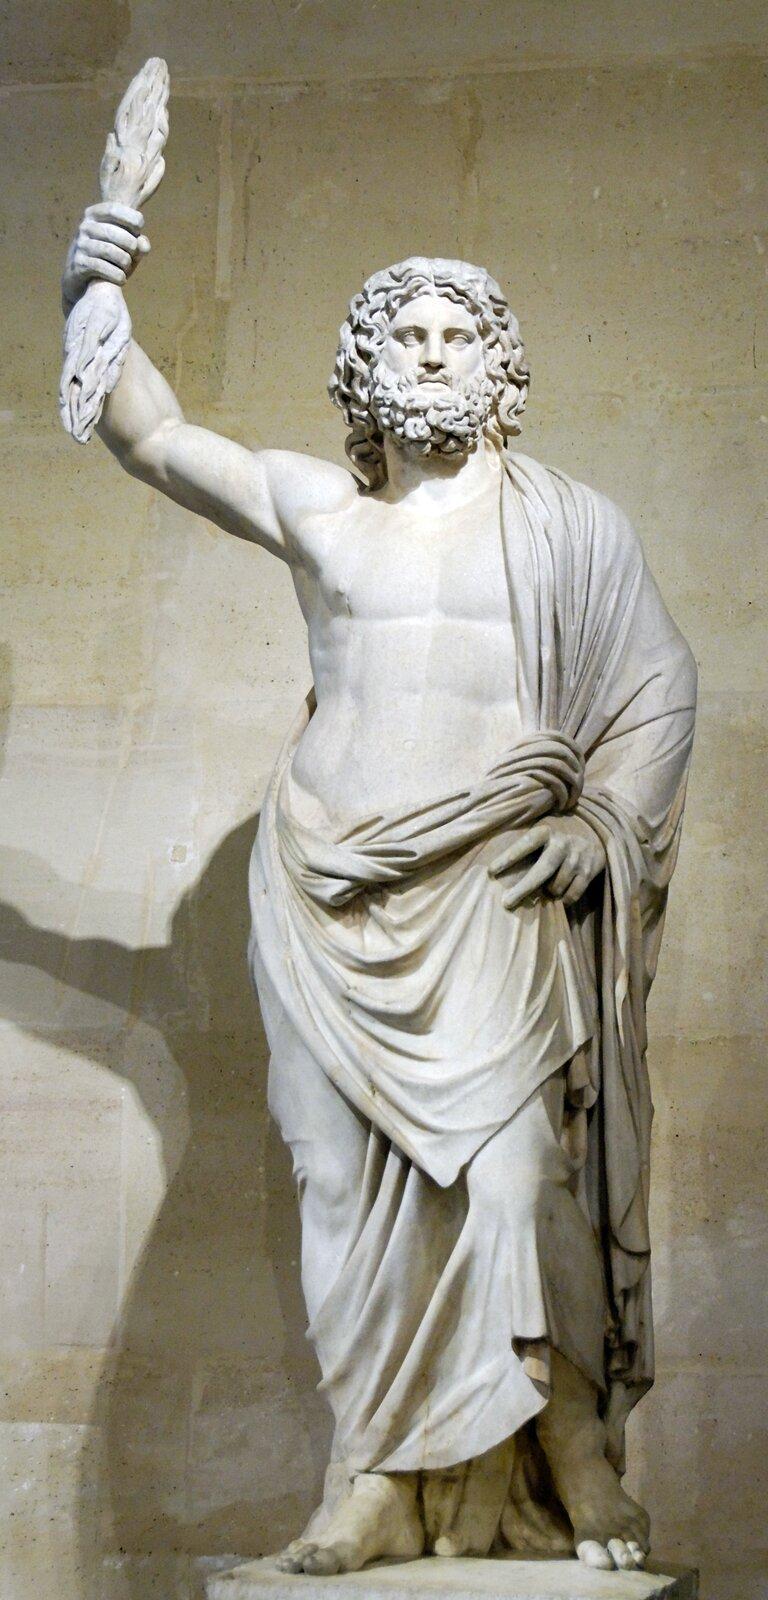 Zeus ze Smyrny Źródło: Artysta nieznany, Zeus ze Smyrny, 250 p.n.e., Muzeum wLuwrze, domena publiczna.